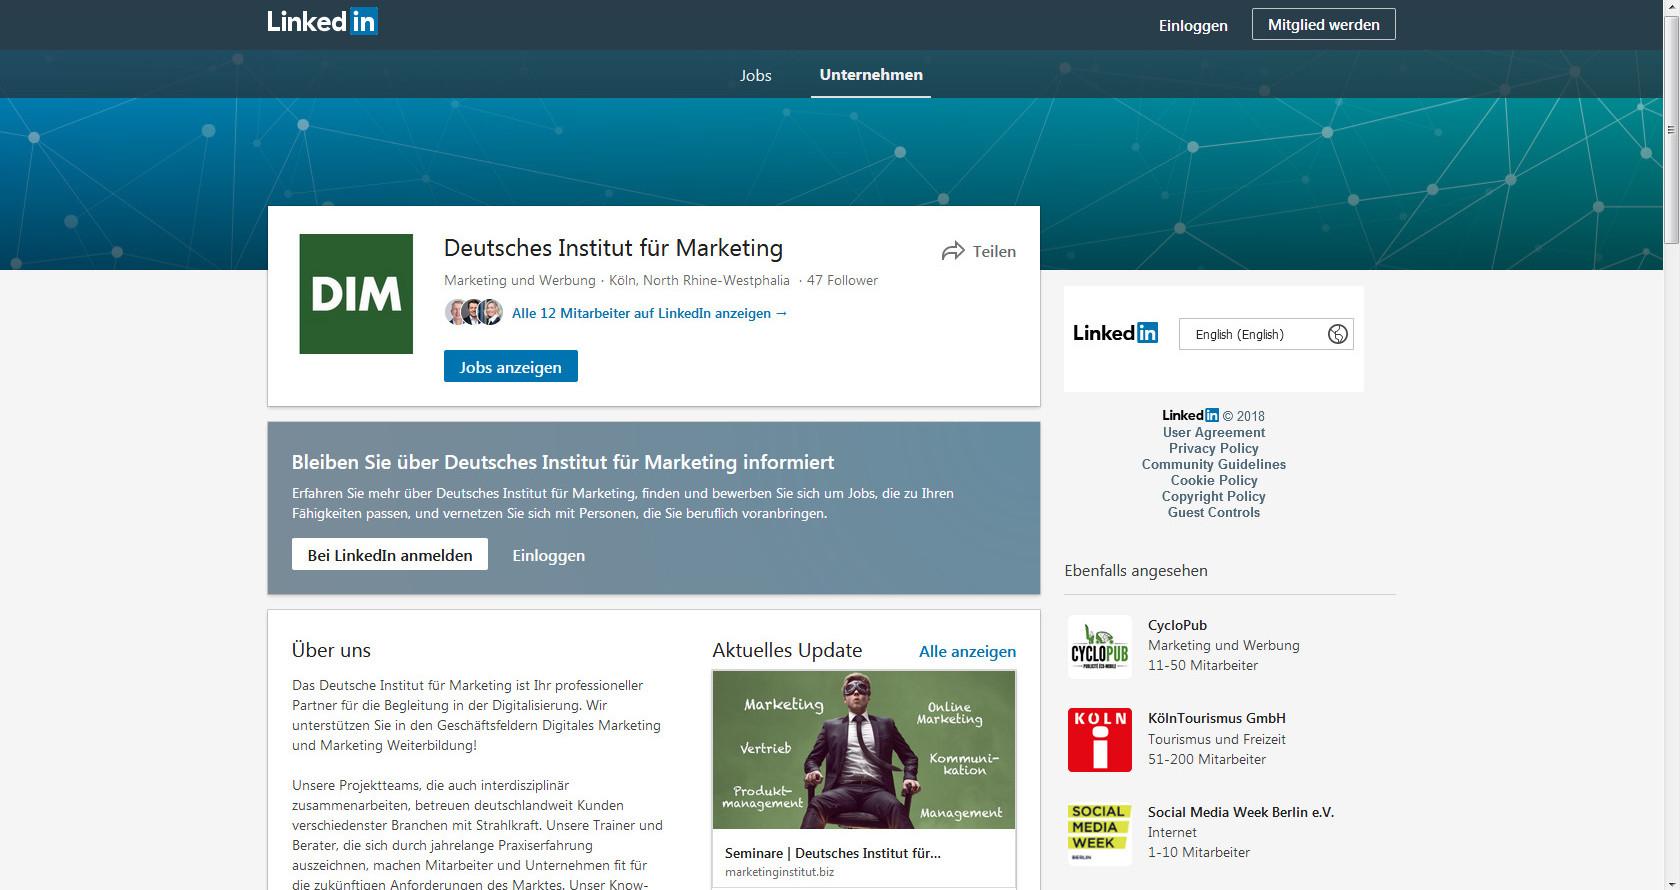 LinkedIn Marketing Profil Deutshes Institut für Marketing